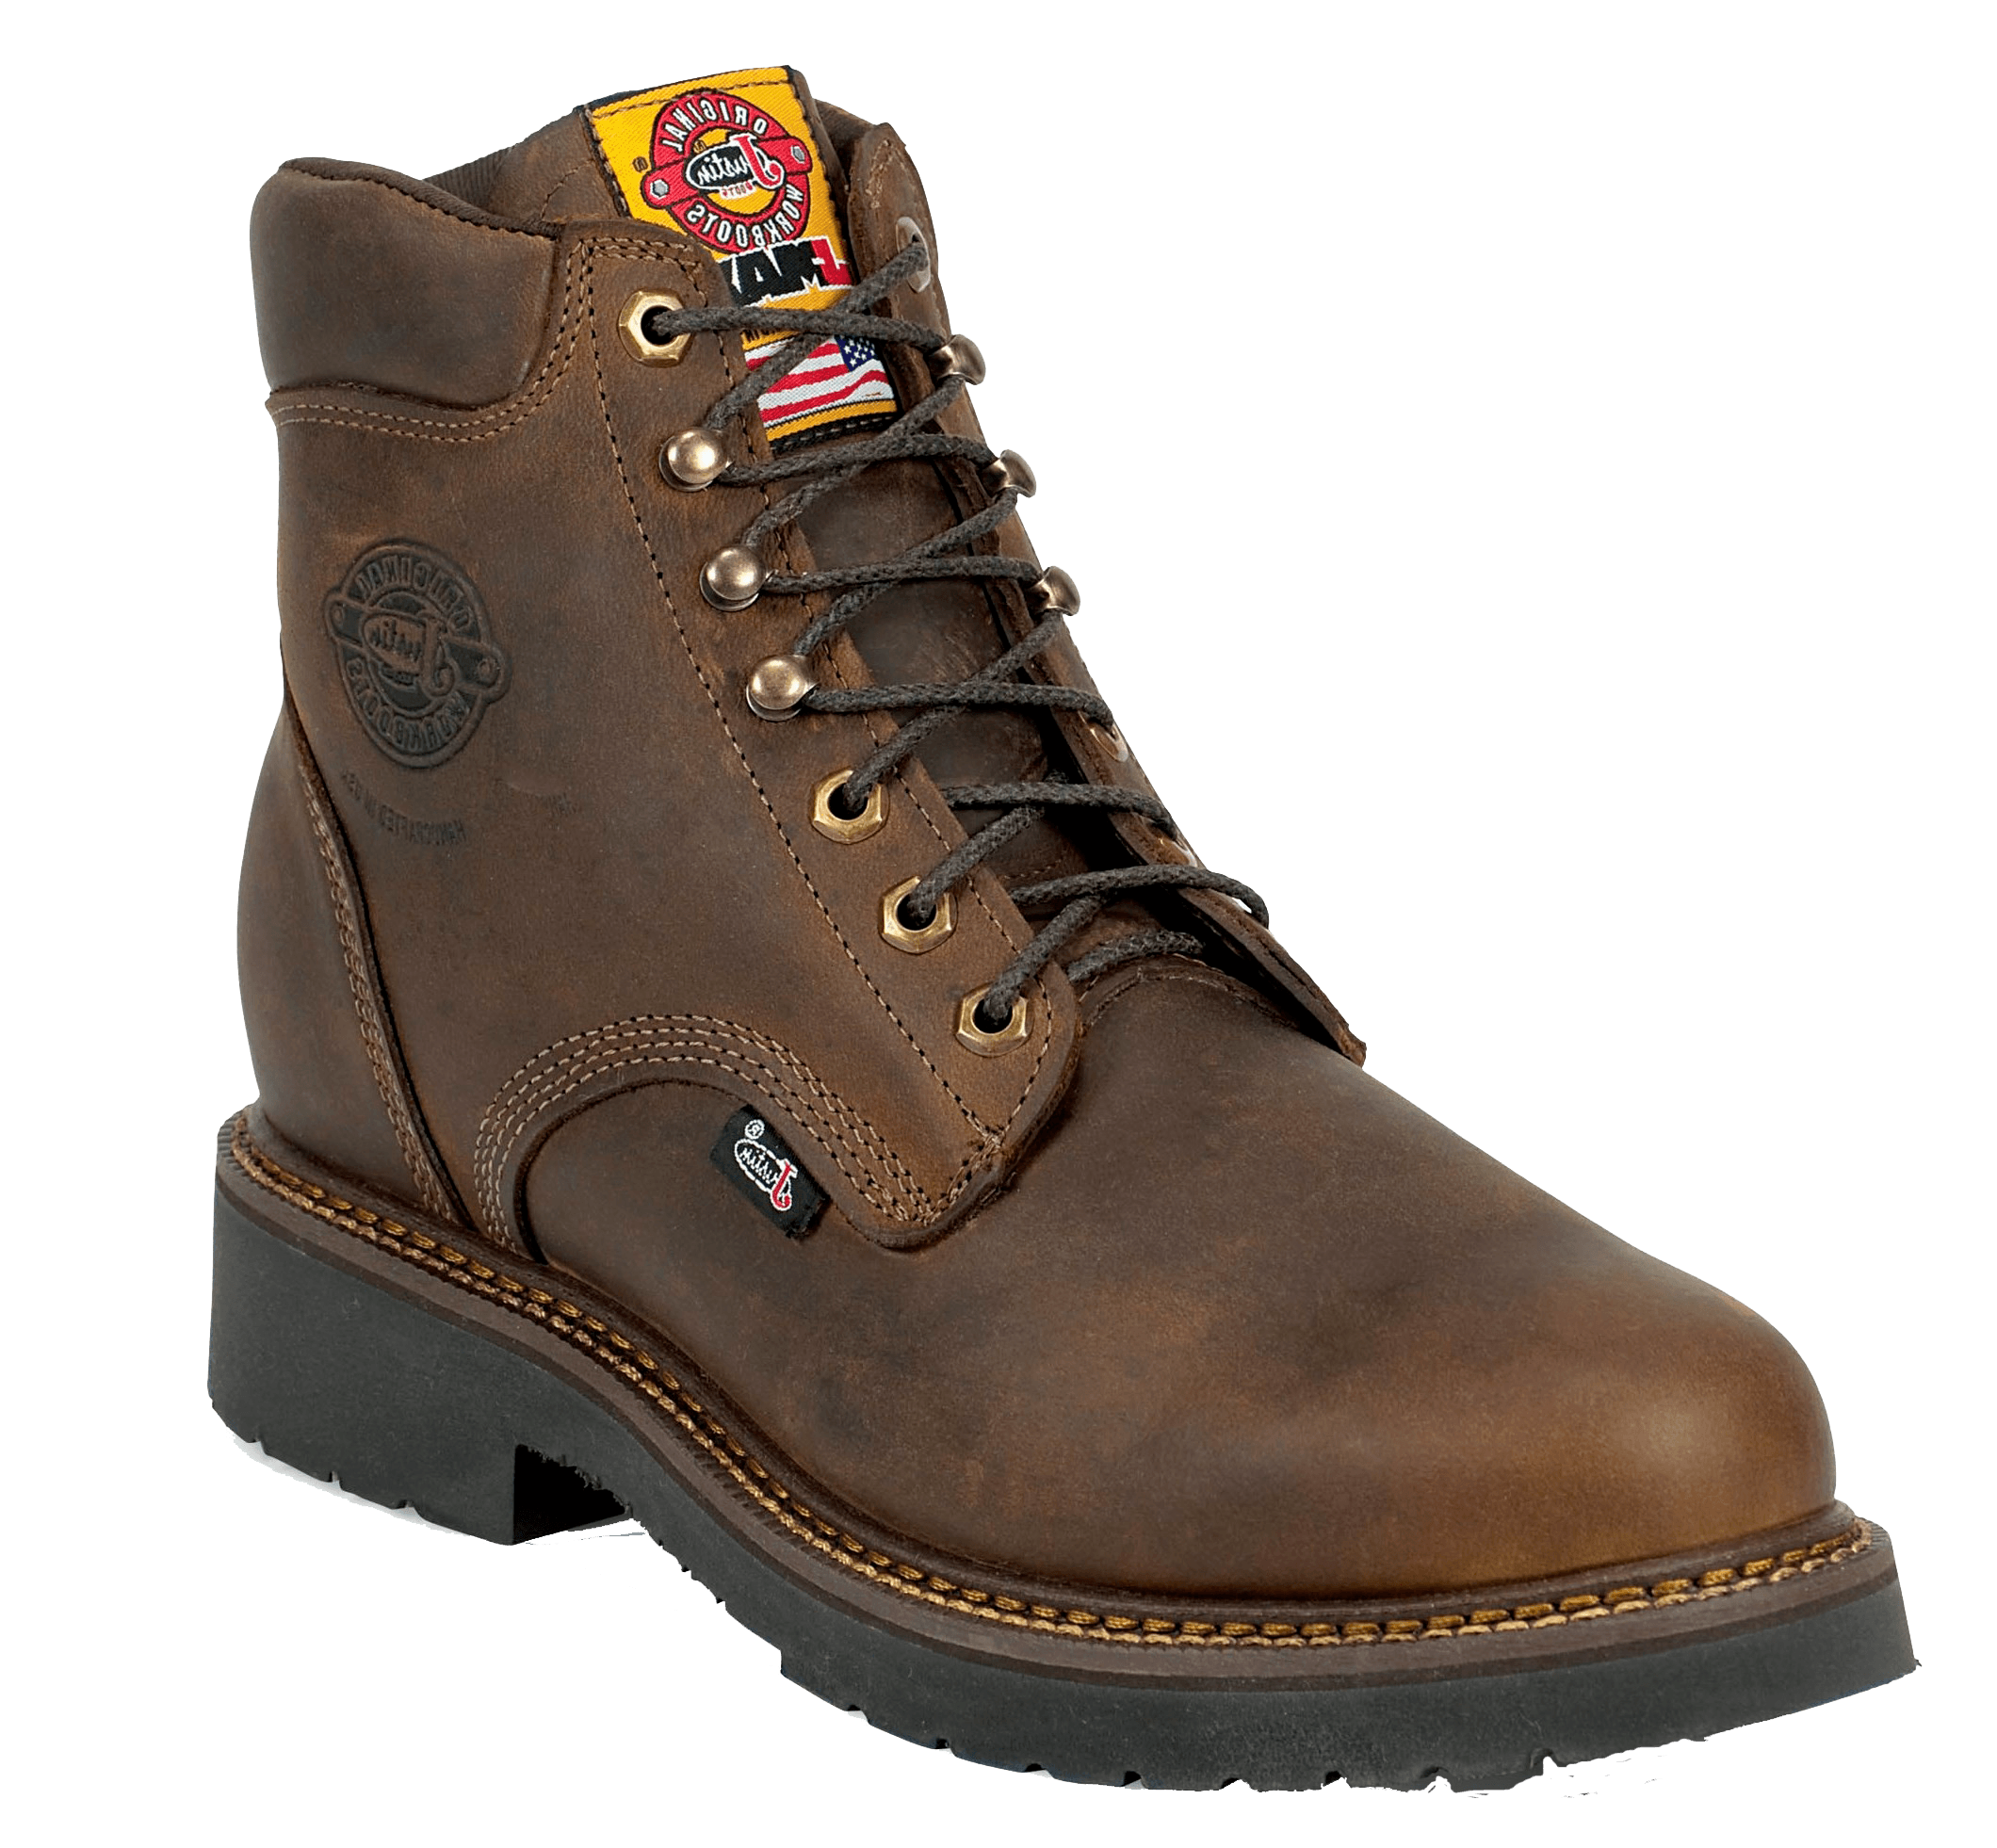 Justin J-Max Work Boot